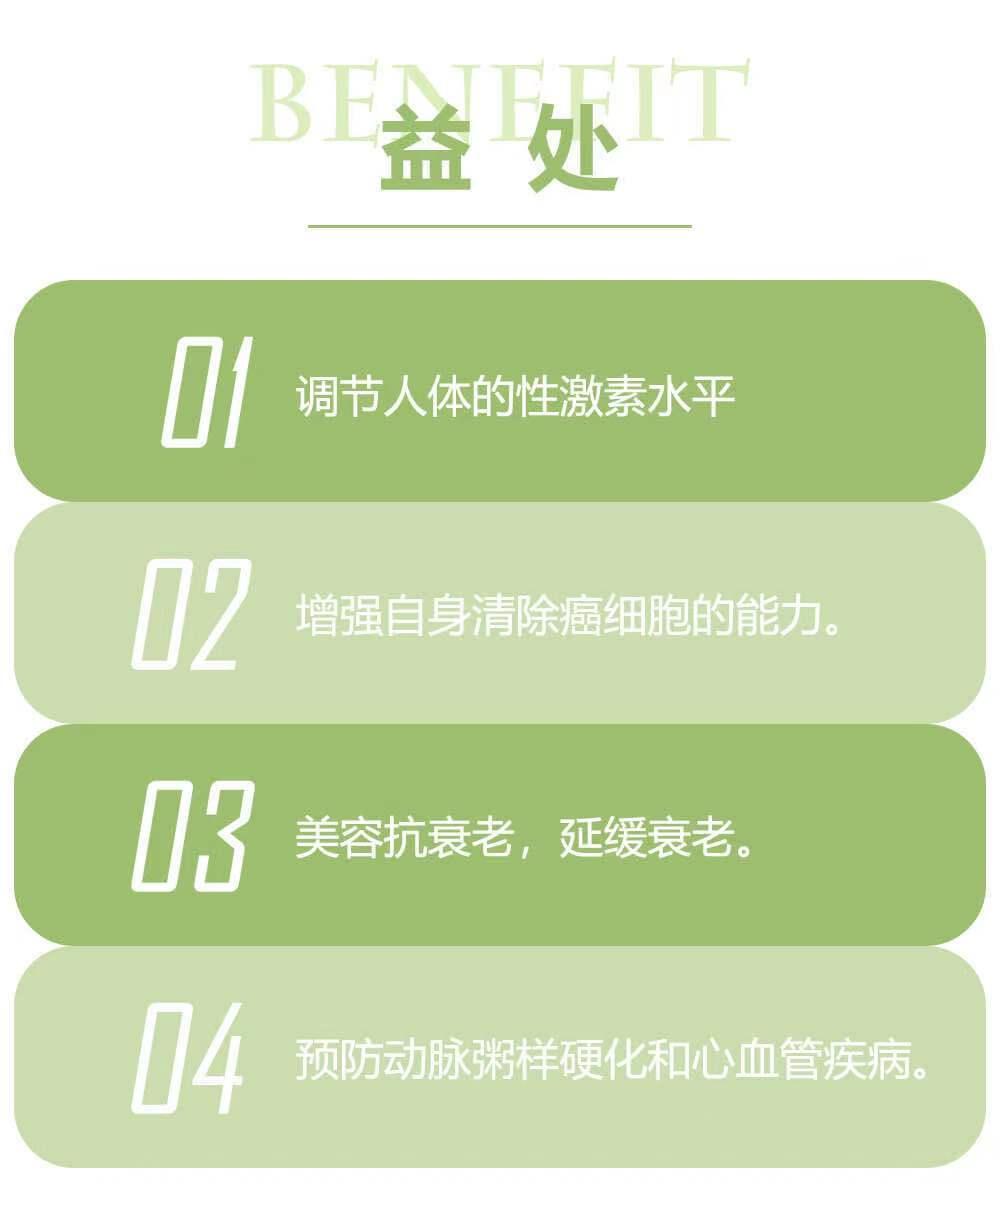 美宝牌维生素E胶囊4.jpg